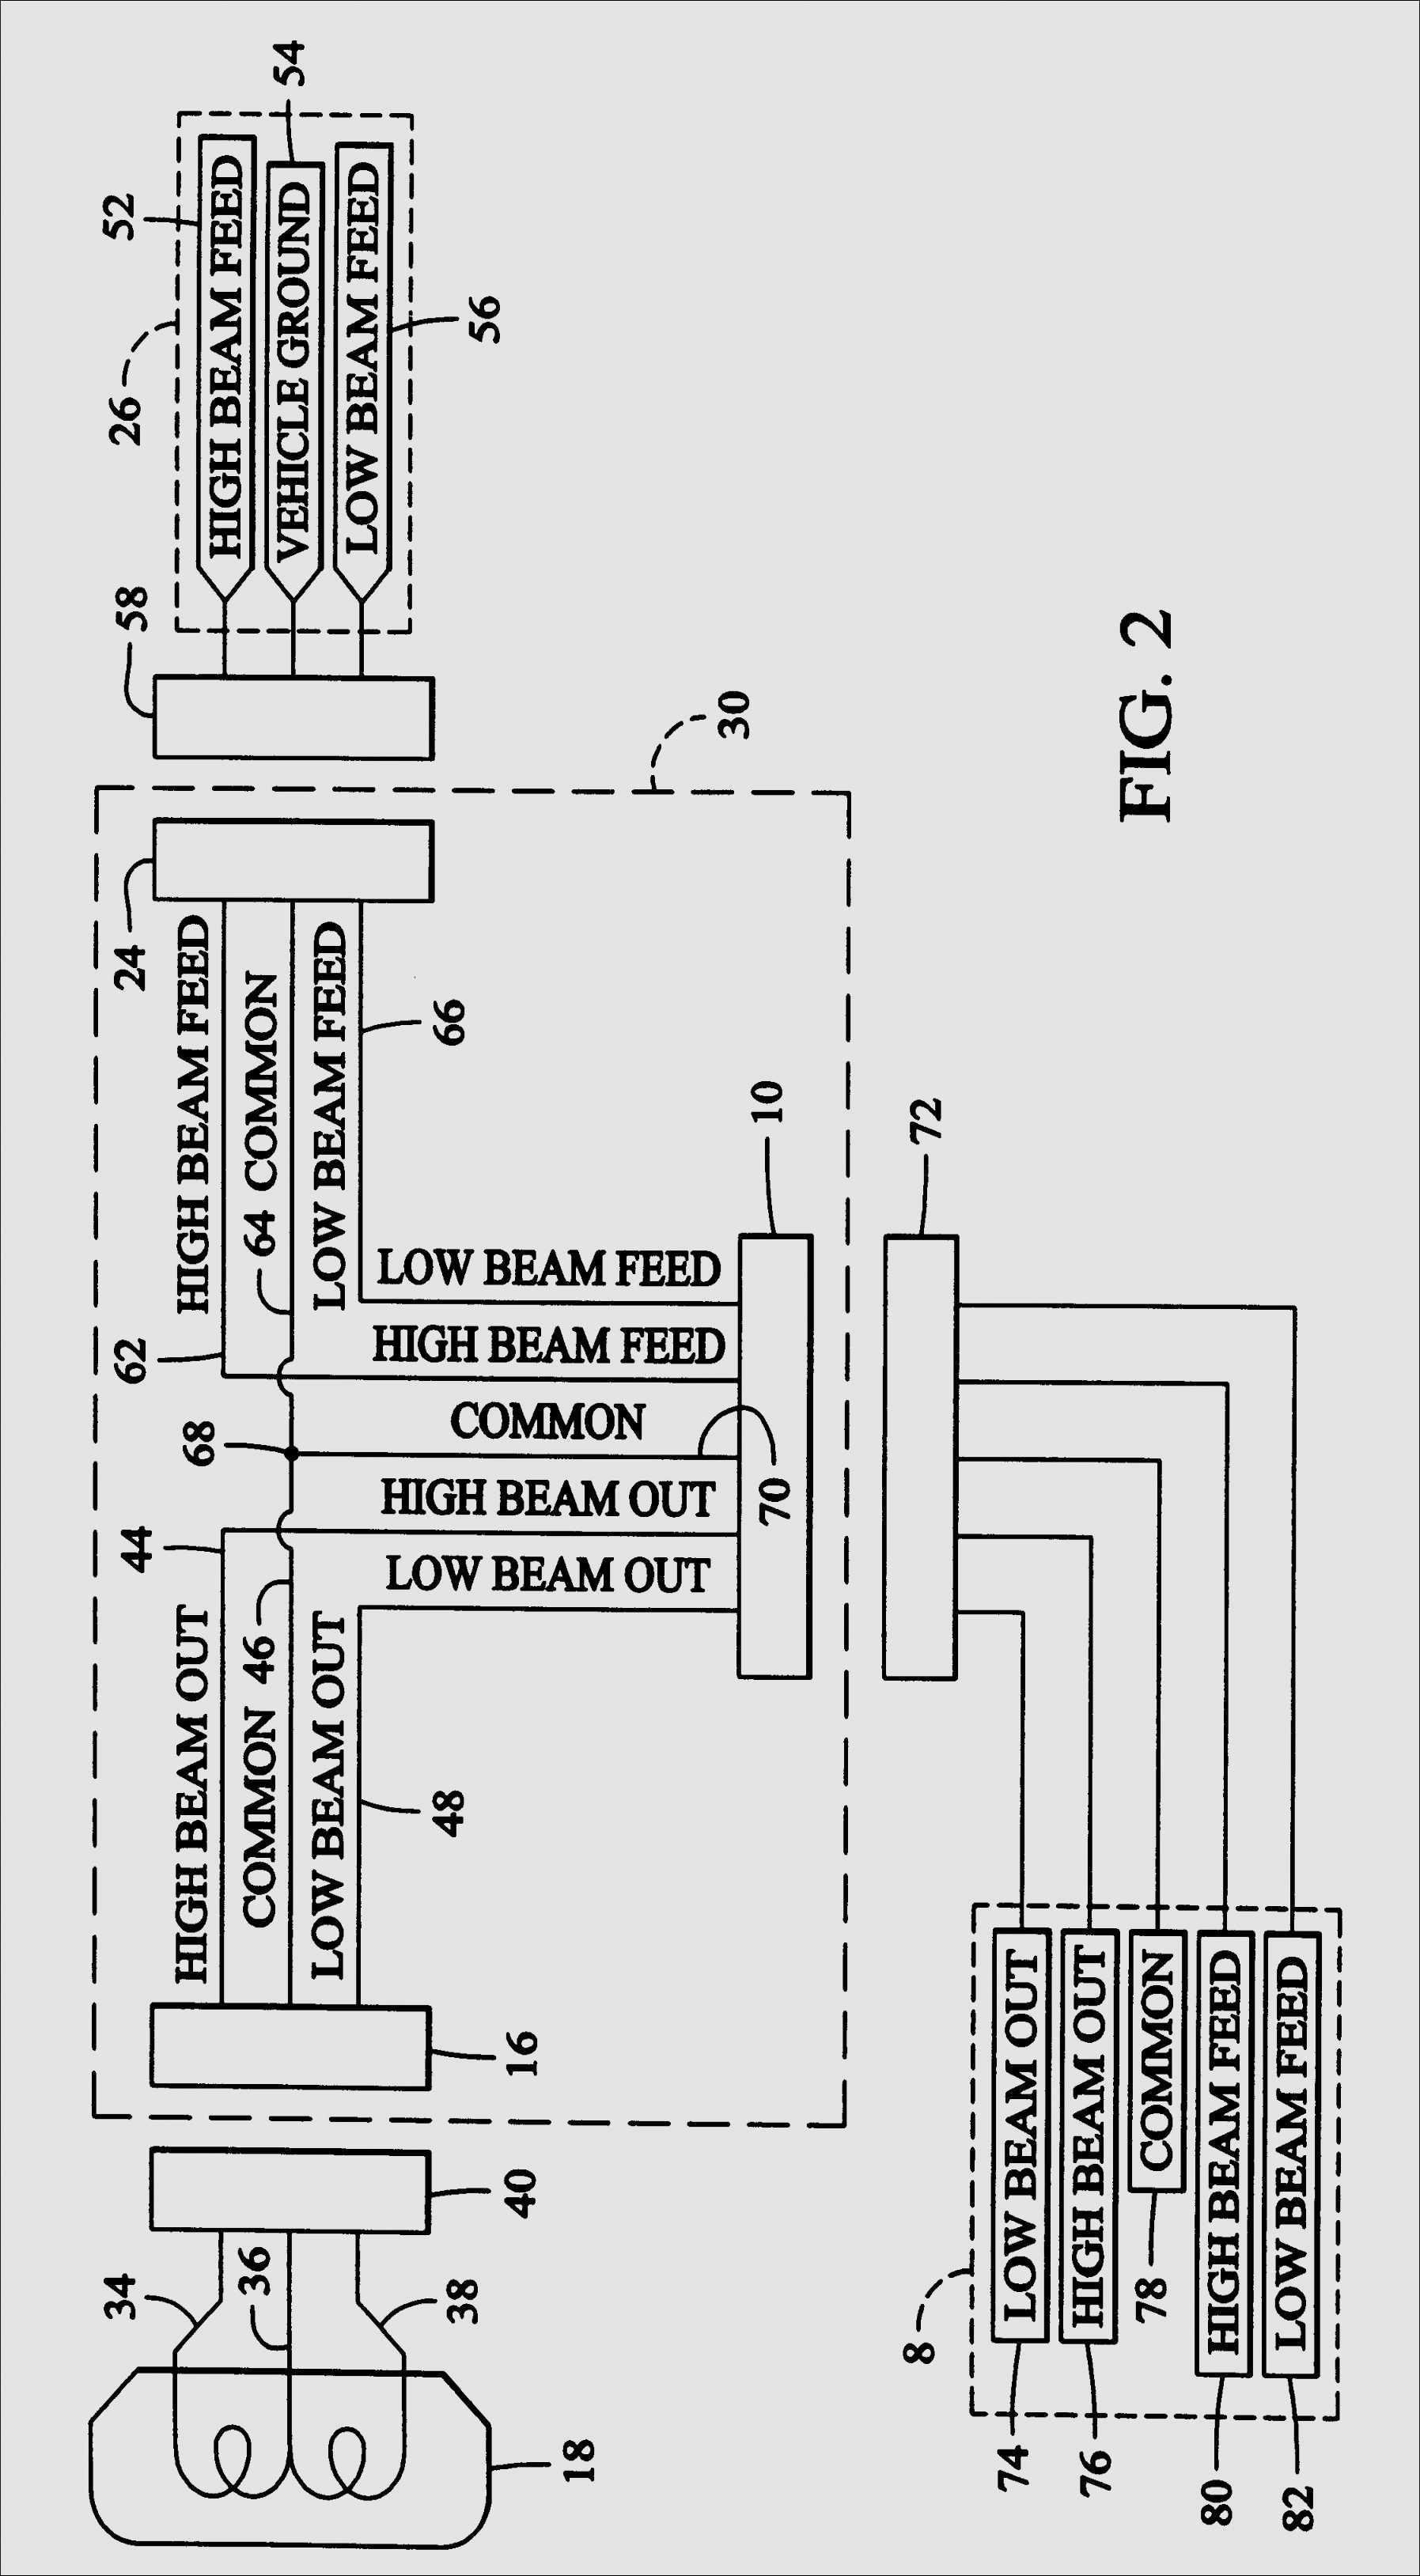 Meyer 22154 Wiring Diagram - Data Wiring Diagram Blog - Meyer Plow Wiring Diagram